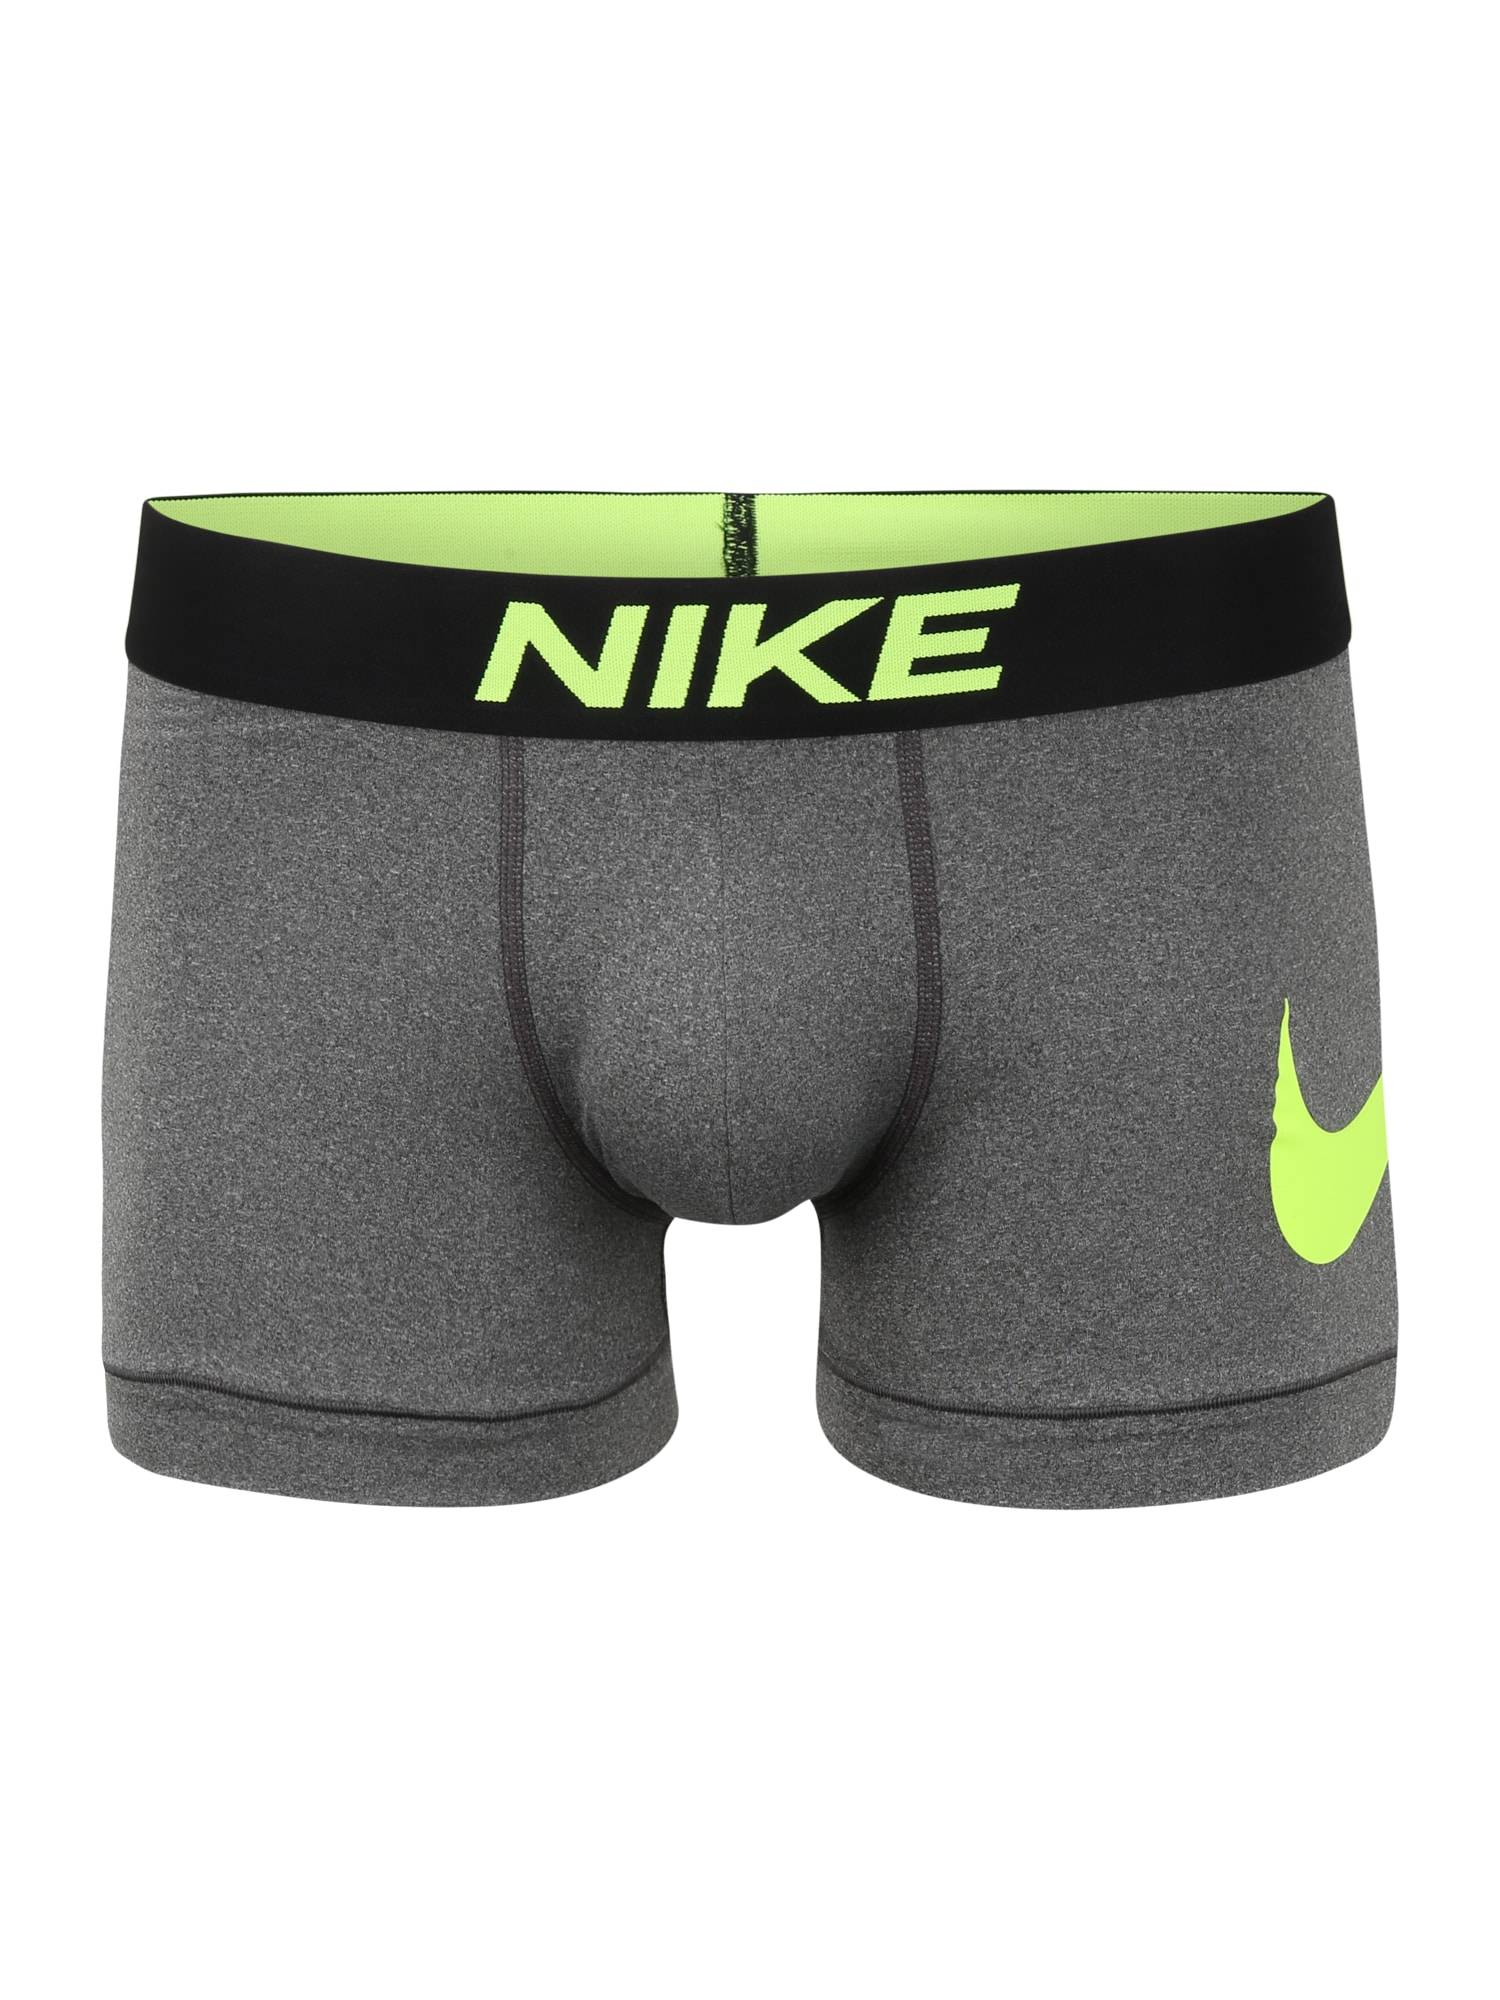 NIKE Sous-vêtements de sport  - Gris - Taille: XL - male